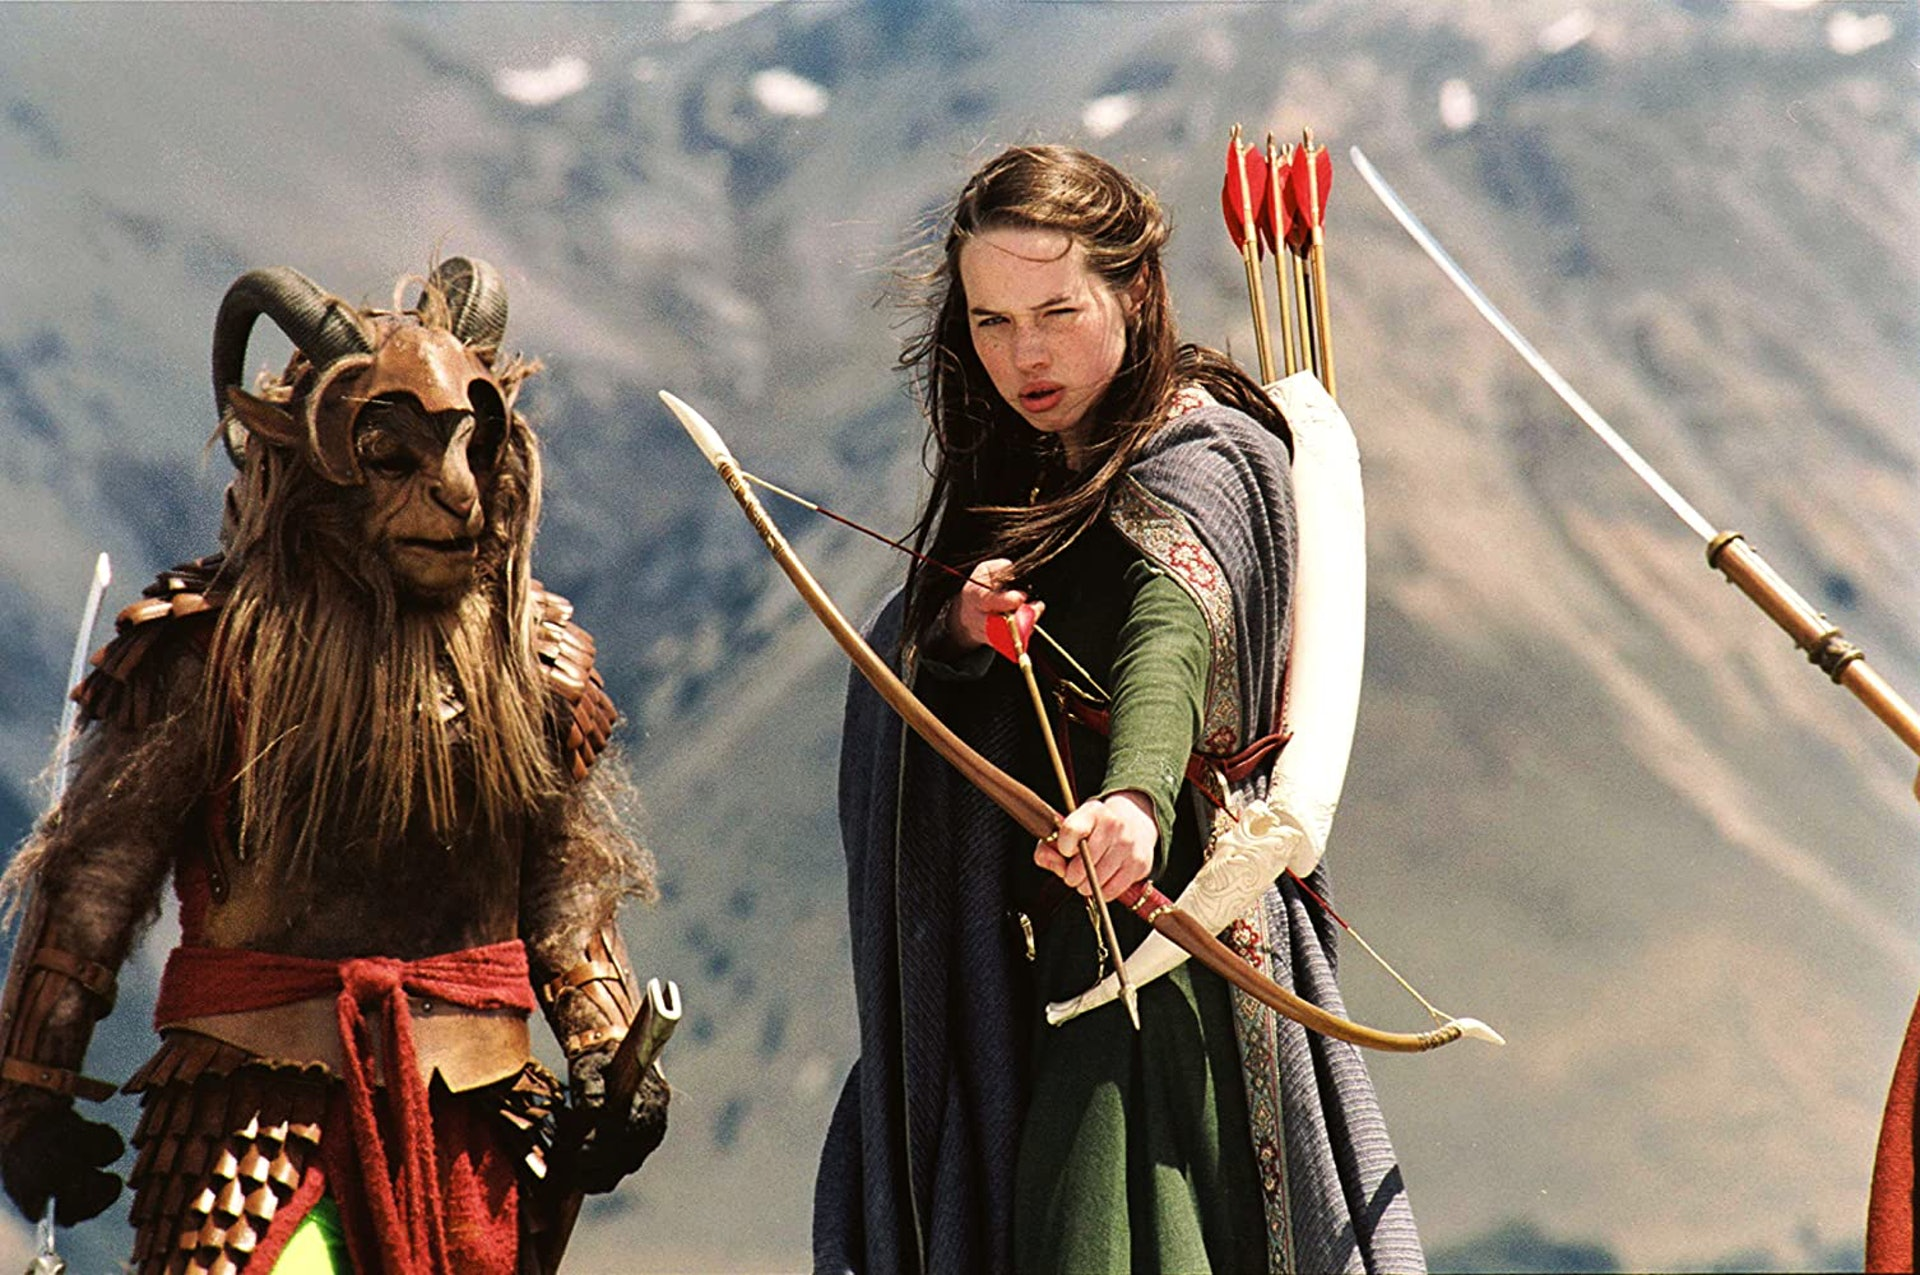 Anna Popplewell在戲中飾演二家姐Susan Pevensie。(《魔幻王國:獅子·女巫·魔衣櫥》劇照)